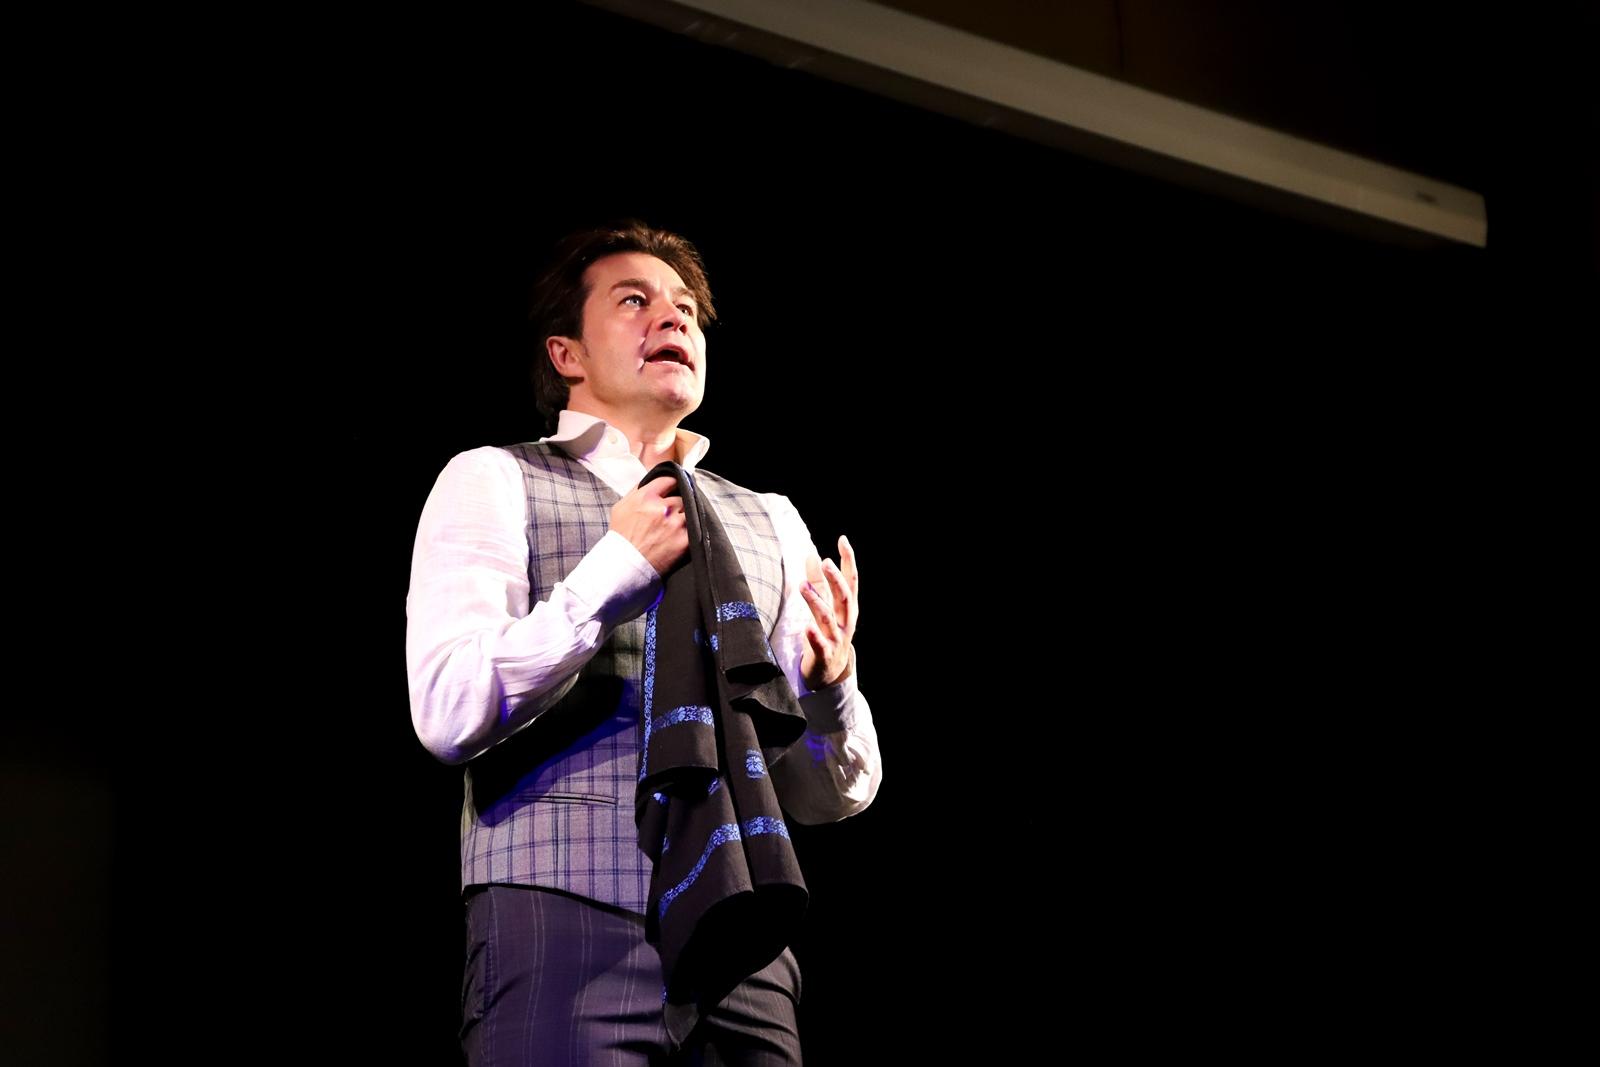 У Закарпатському облмуздрамтеатрі відбувся творчий вечір народного артиста України Євгена Нищука